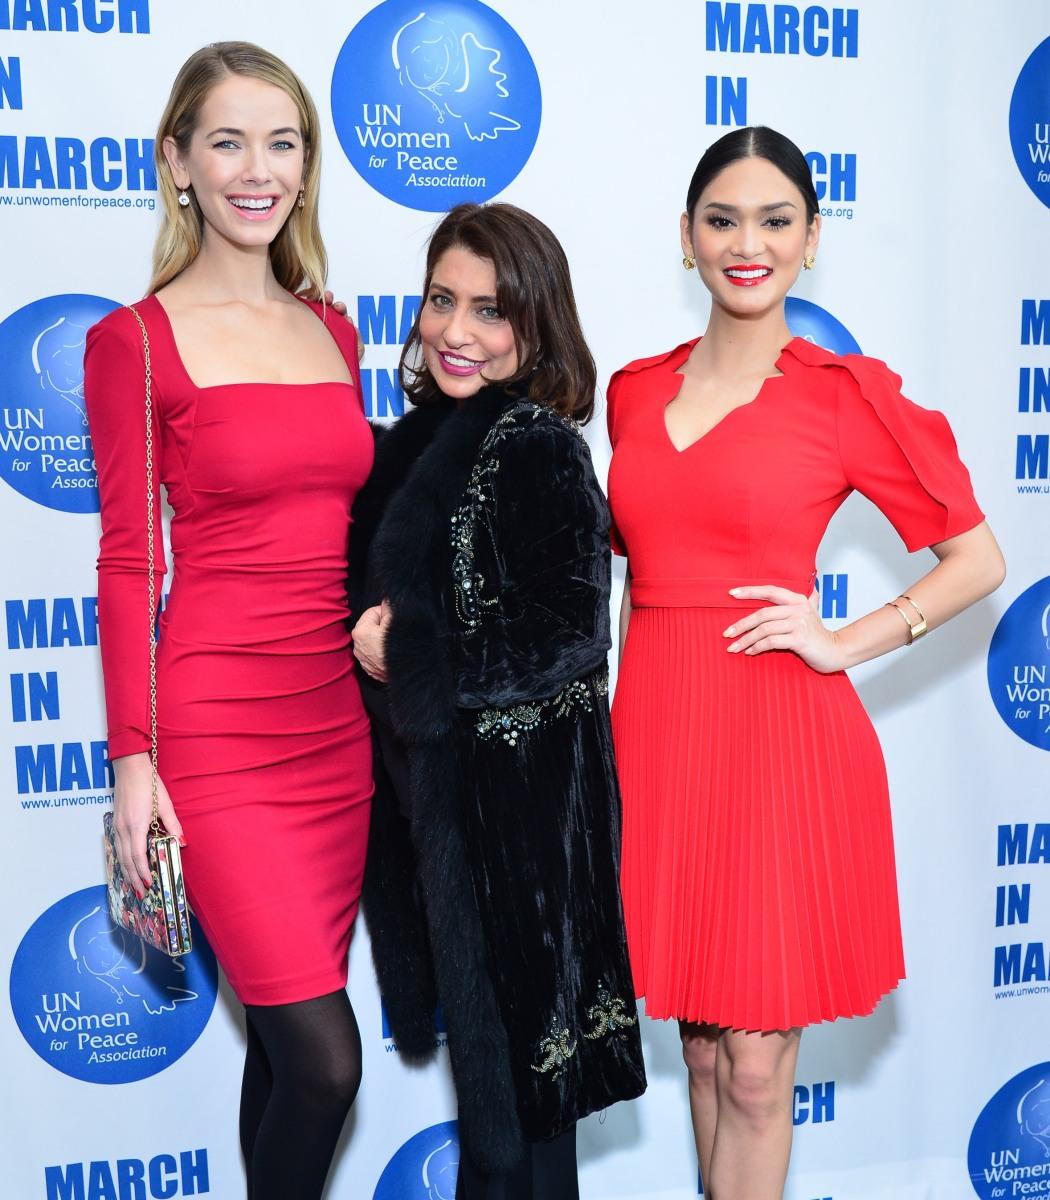 United Nations Delegates Dining Room: Dionne Warwick, Kat Graham, Miss Universe Celebrate